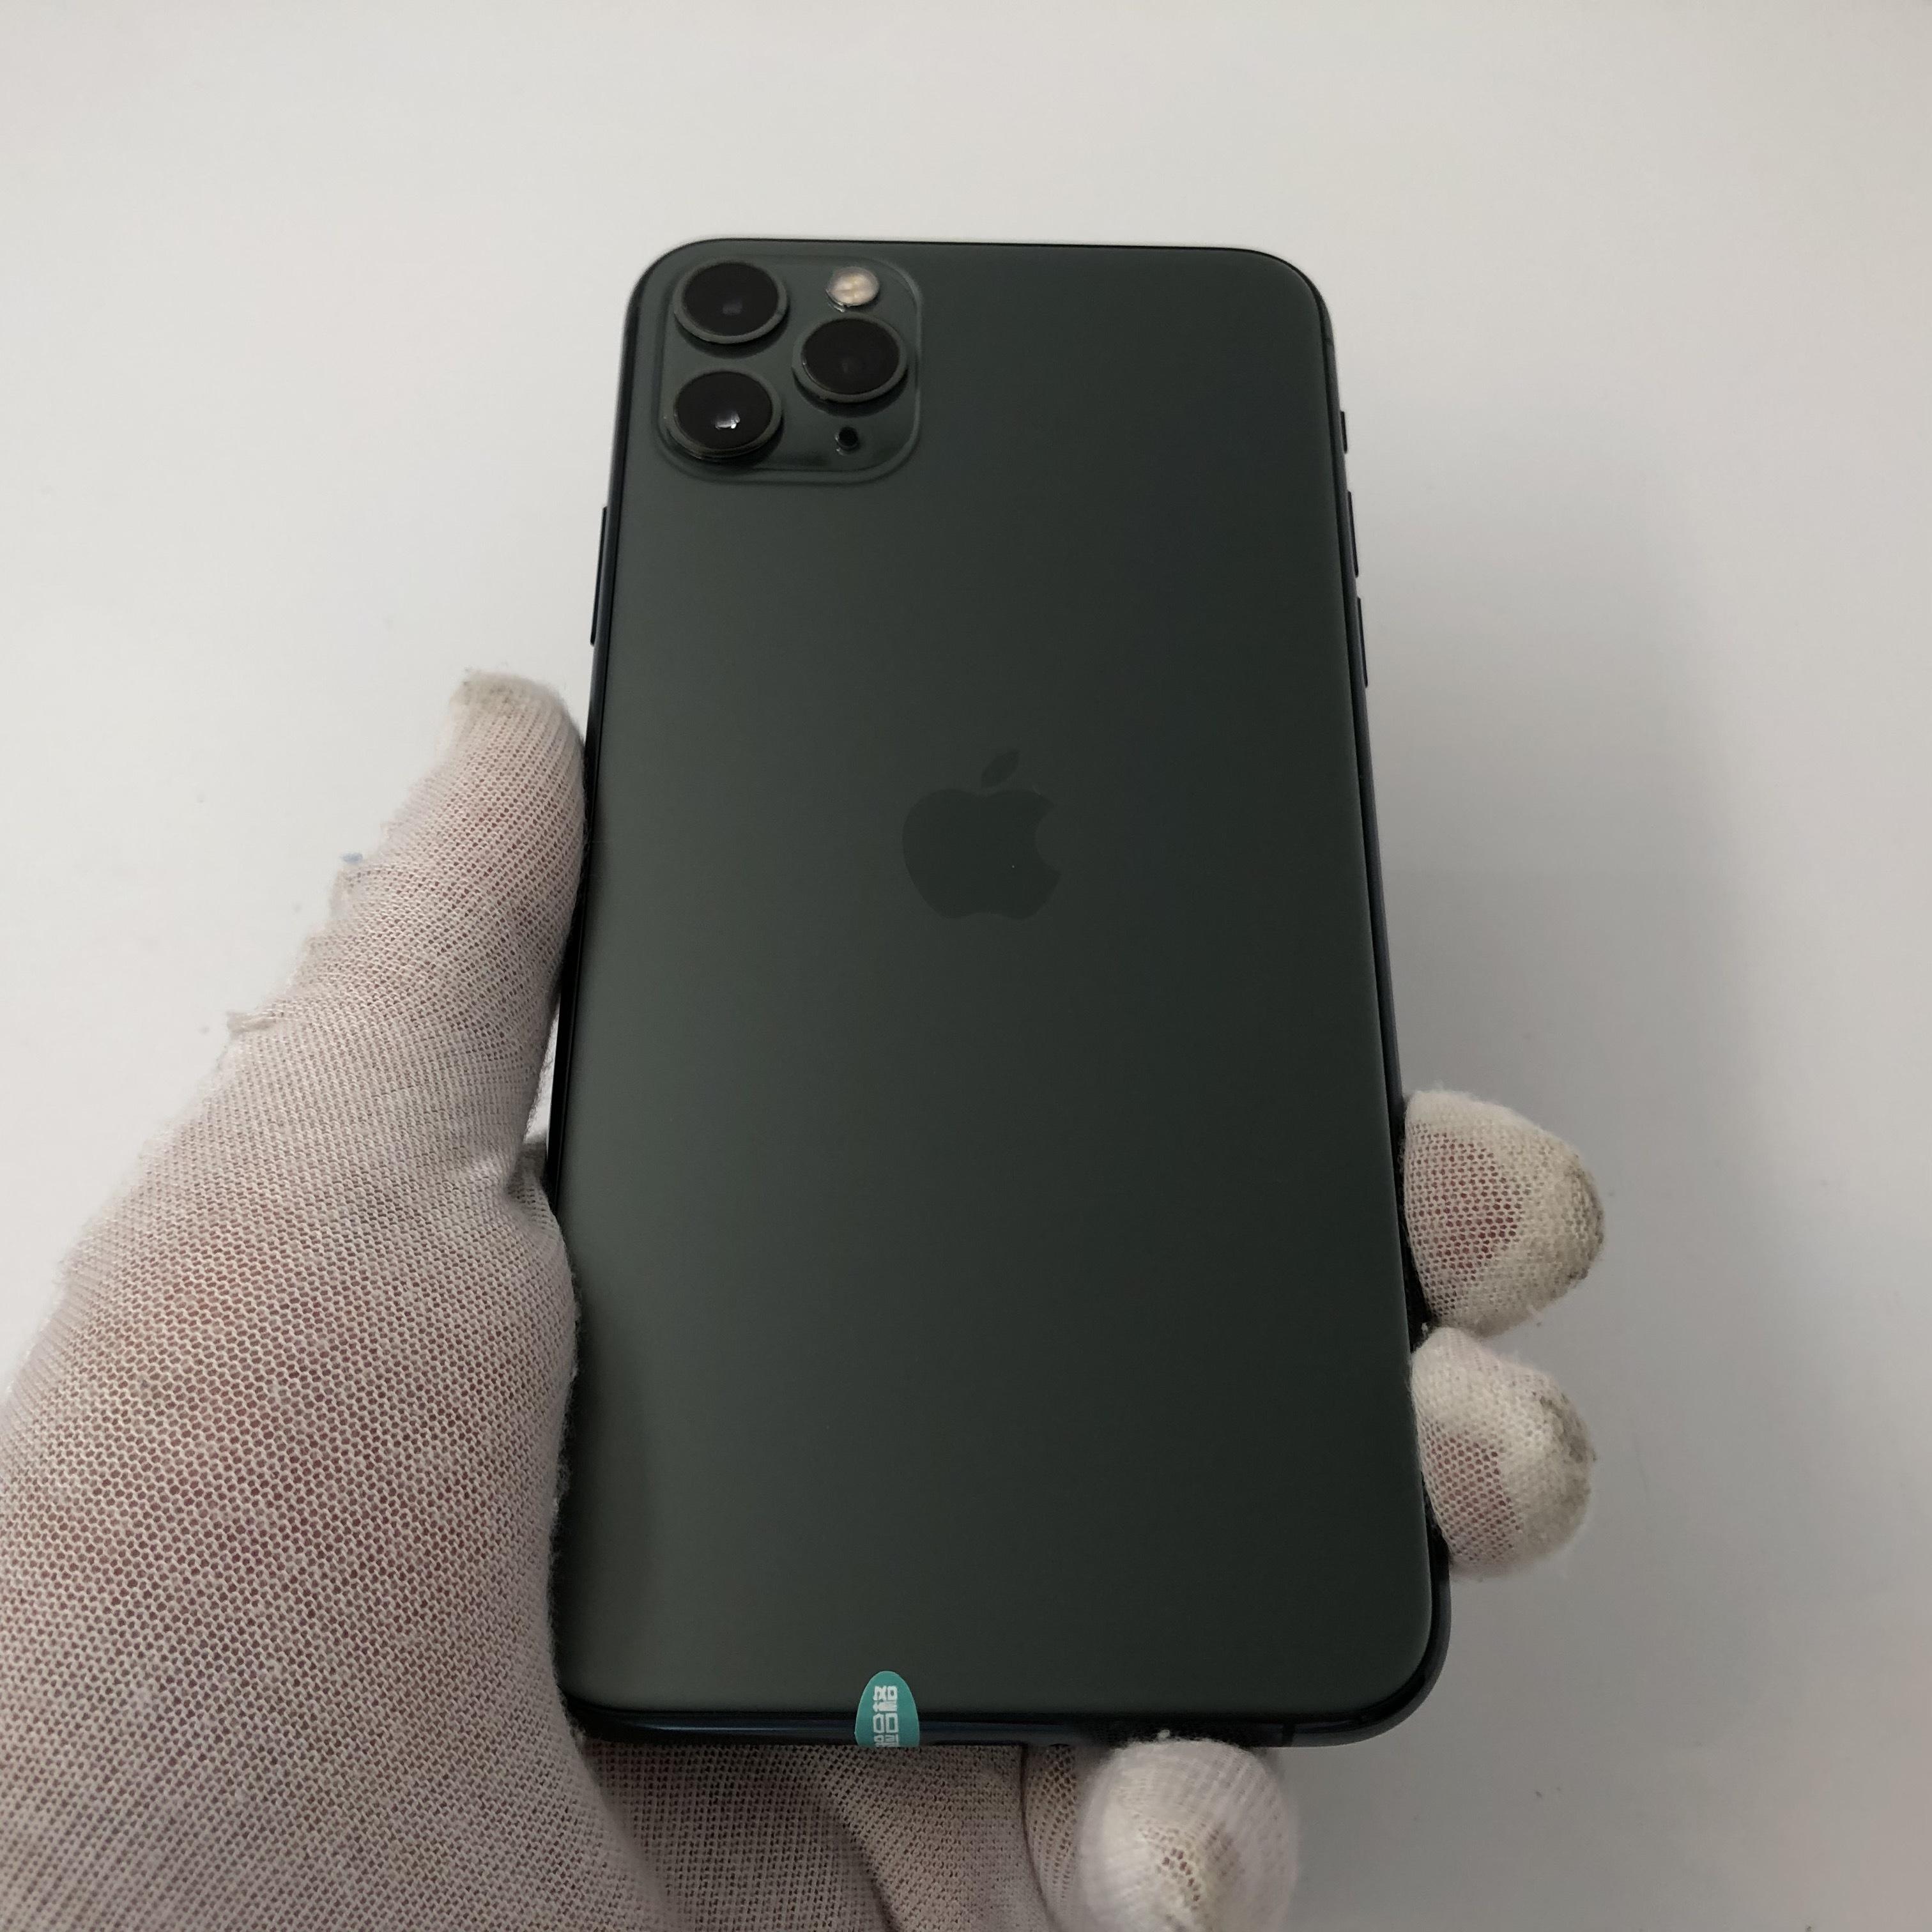 苹果【iPhone 11 Pro Max】4G全网通 暗夜绿色 256G 国行 99新